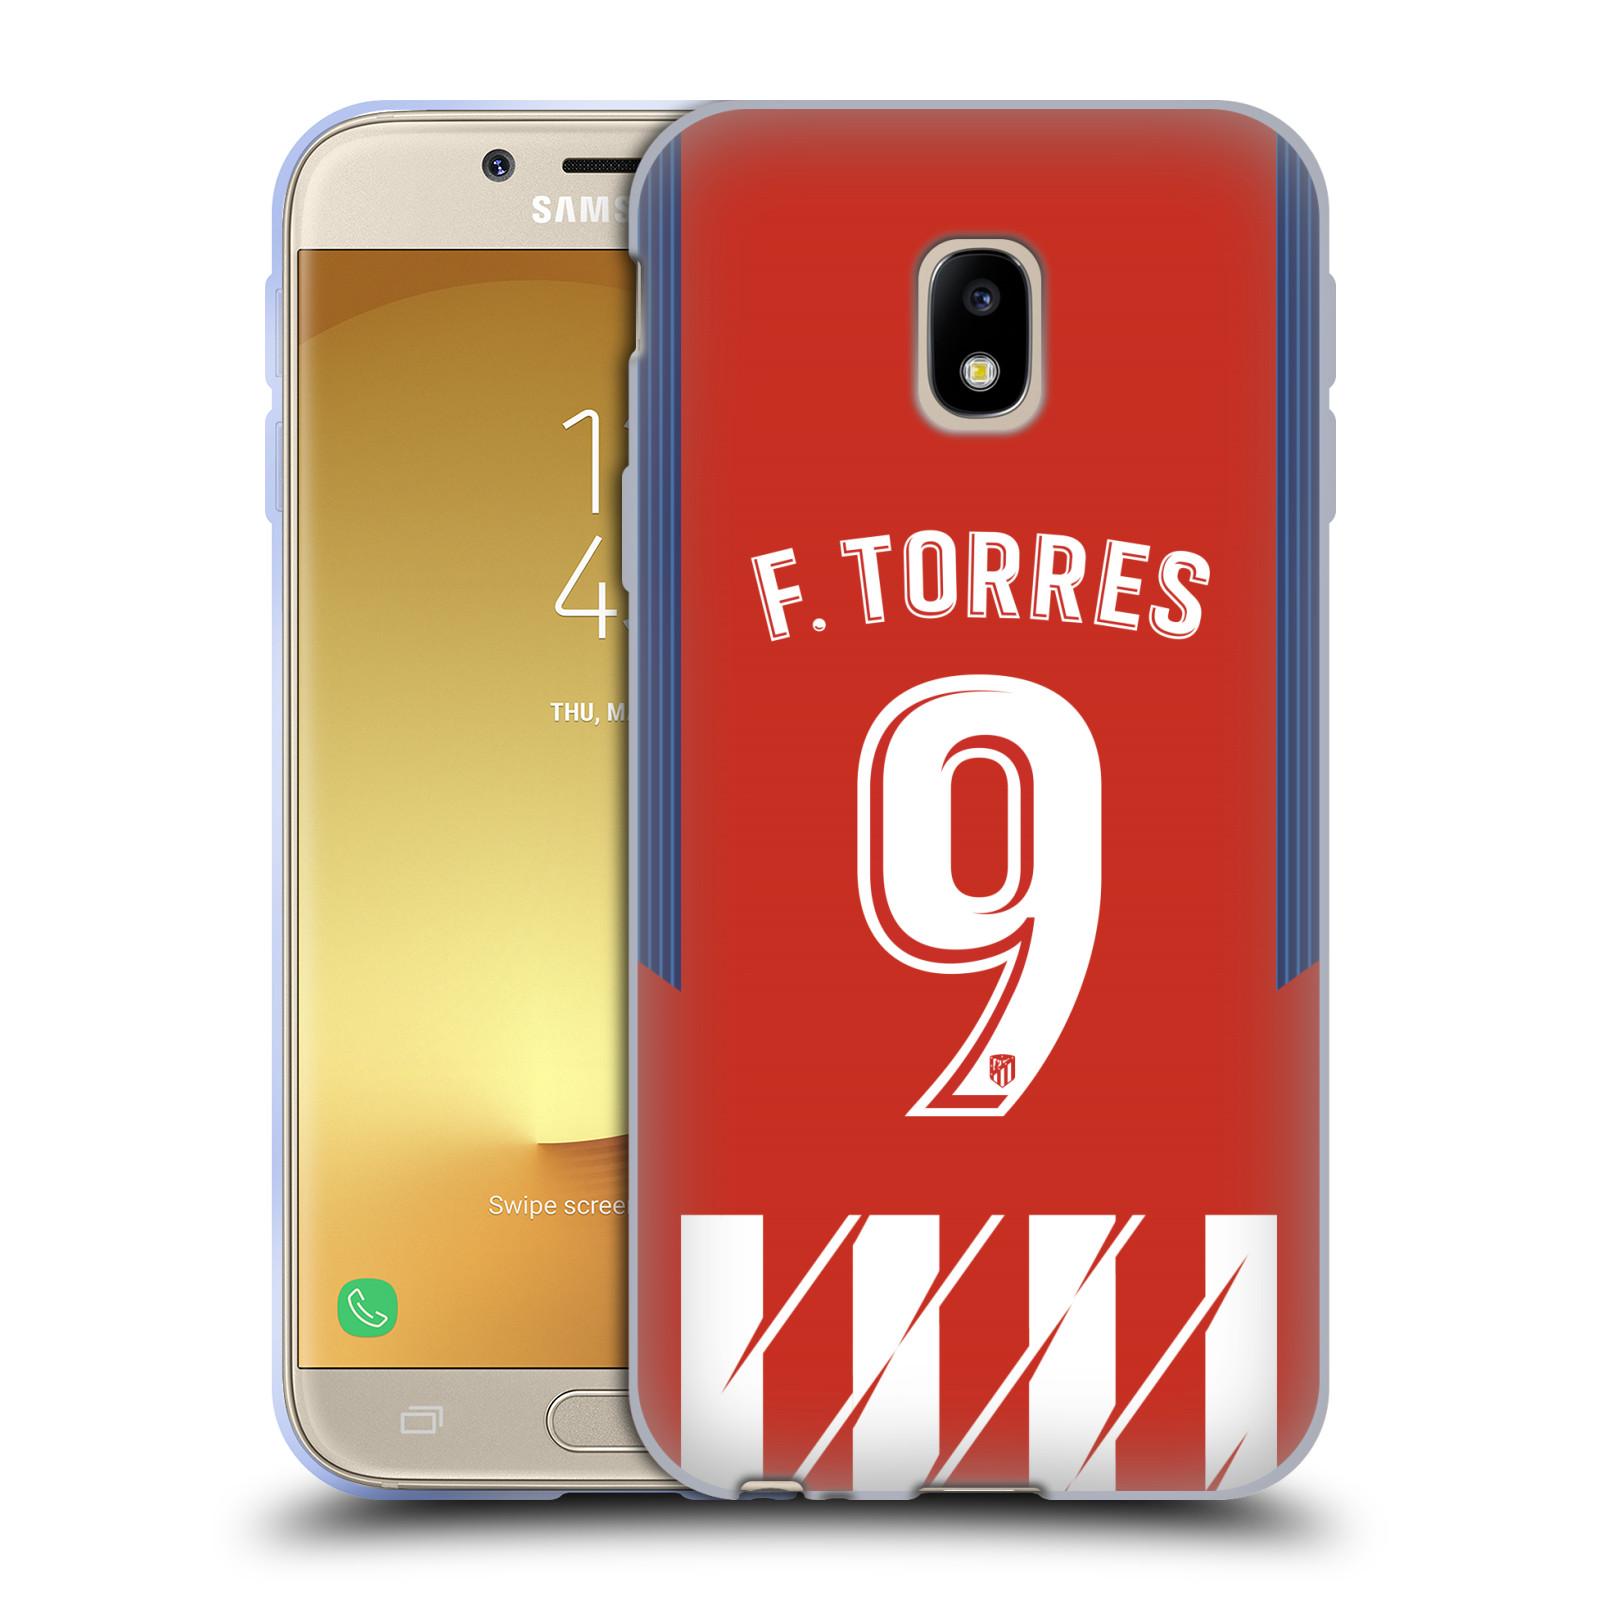 HEAD CASE silikonový obal na mobil Samsung Galaxy J3 2017 (J330, J330F) Fotbalový klub Atlético Madrid dres Fernando Torres